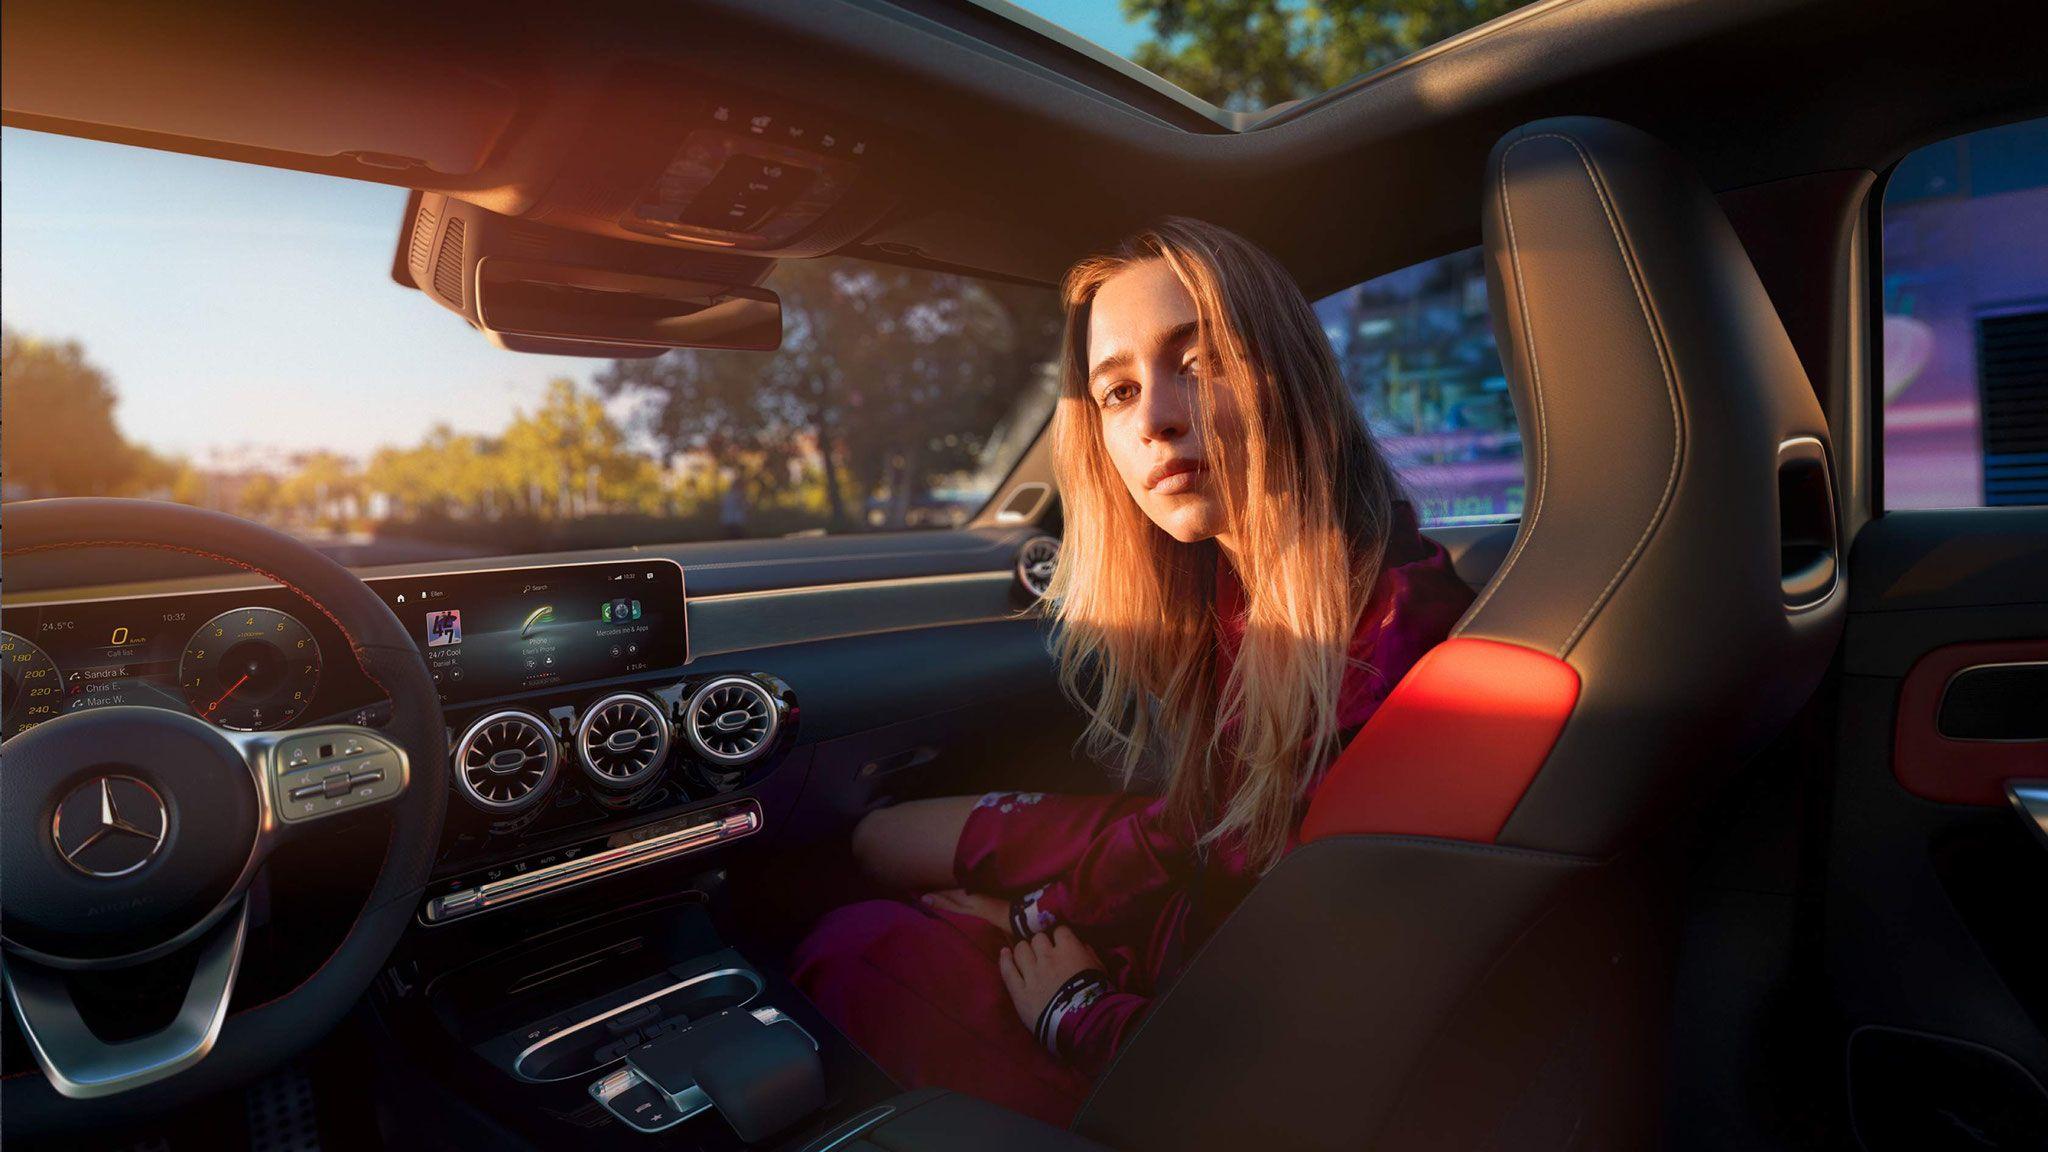 Mercedes A-Klasse automaat - image (8).jpg